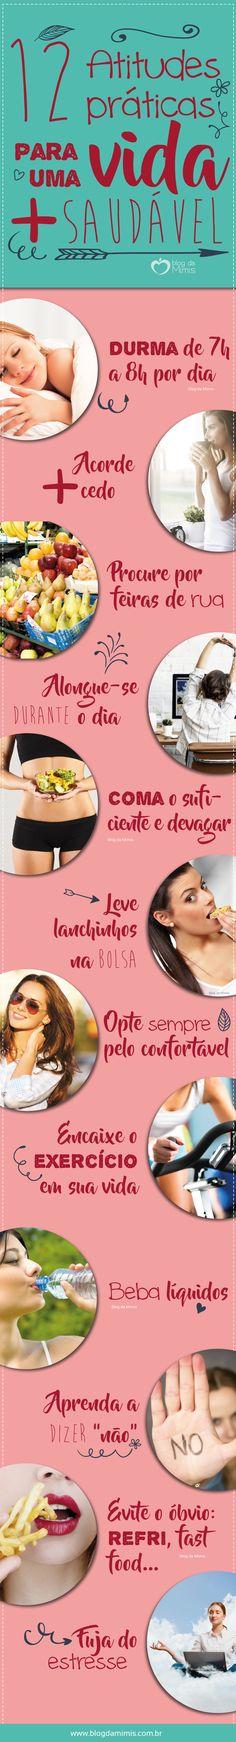 12 Atitudes práticas para ter uma vida mais saudável - Blog da Mimis #blogdamimis #vida #life #saudável #dieta #emagrecer #dicas #tips #infográfico